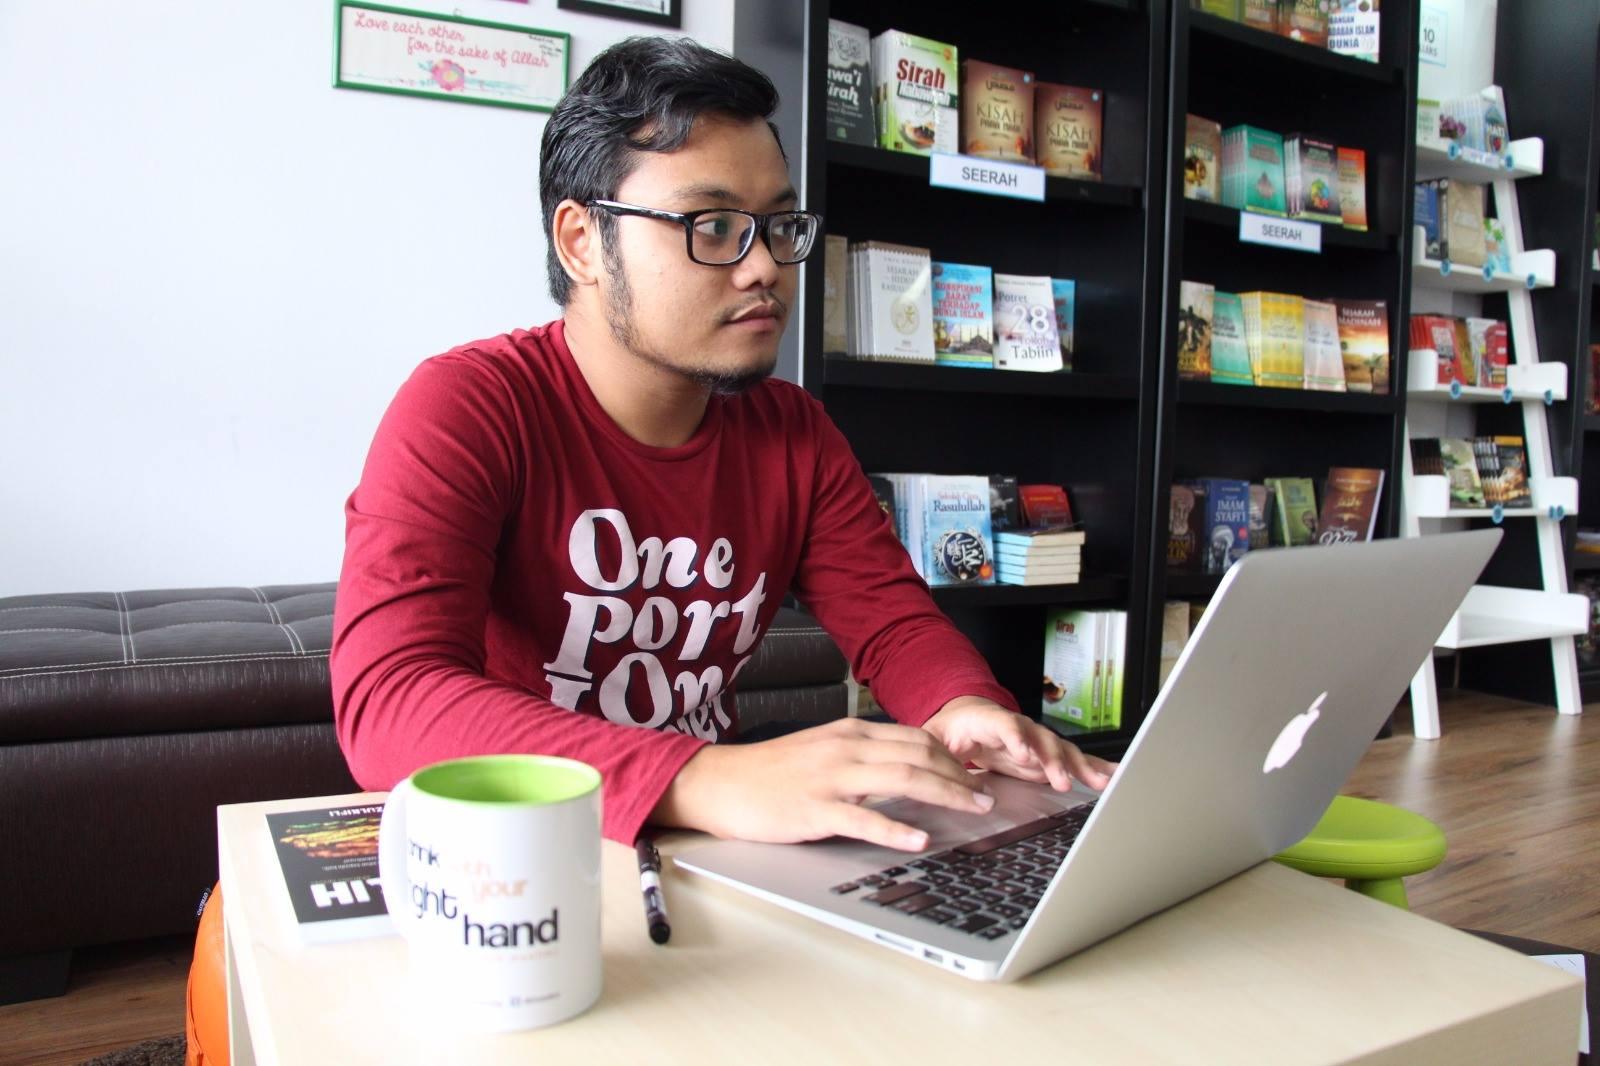 Bagaimana Penulis Ini Menerbitkan Buku daripada Wattpad